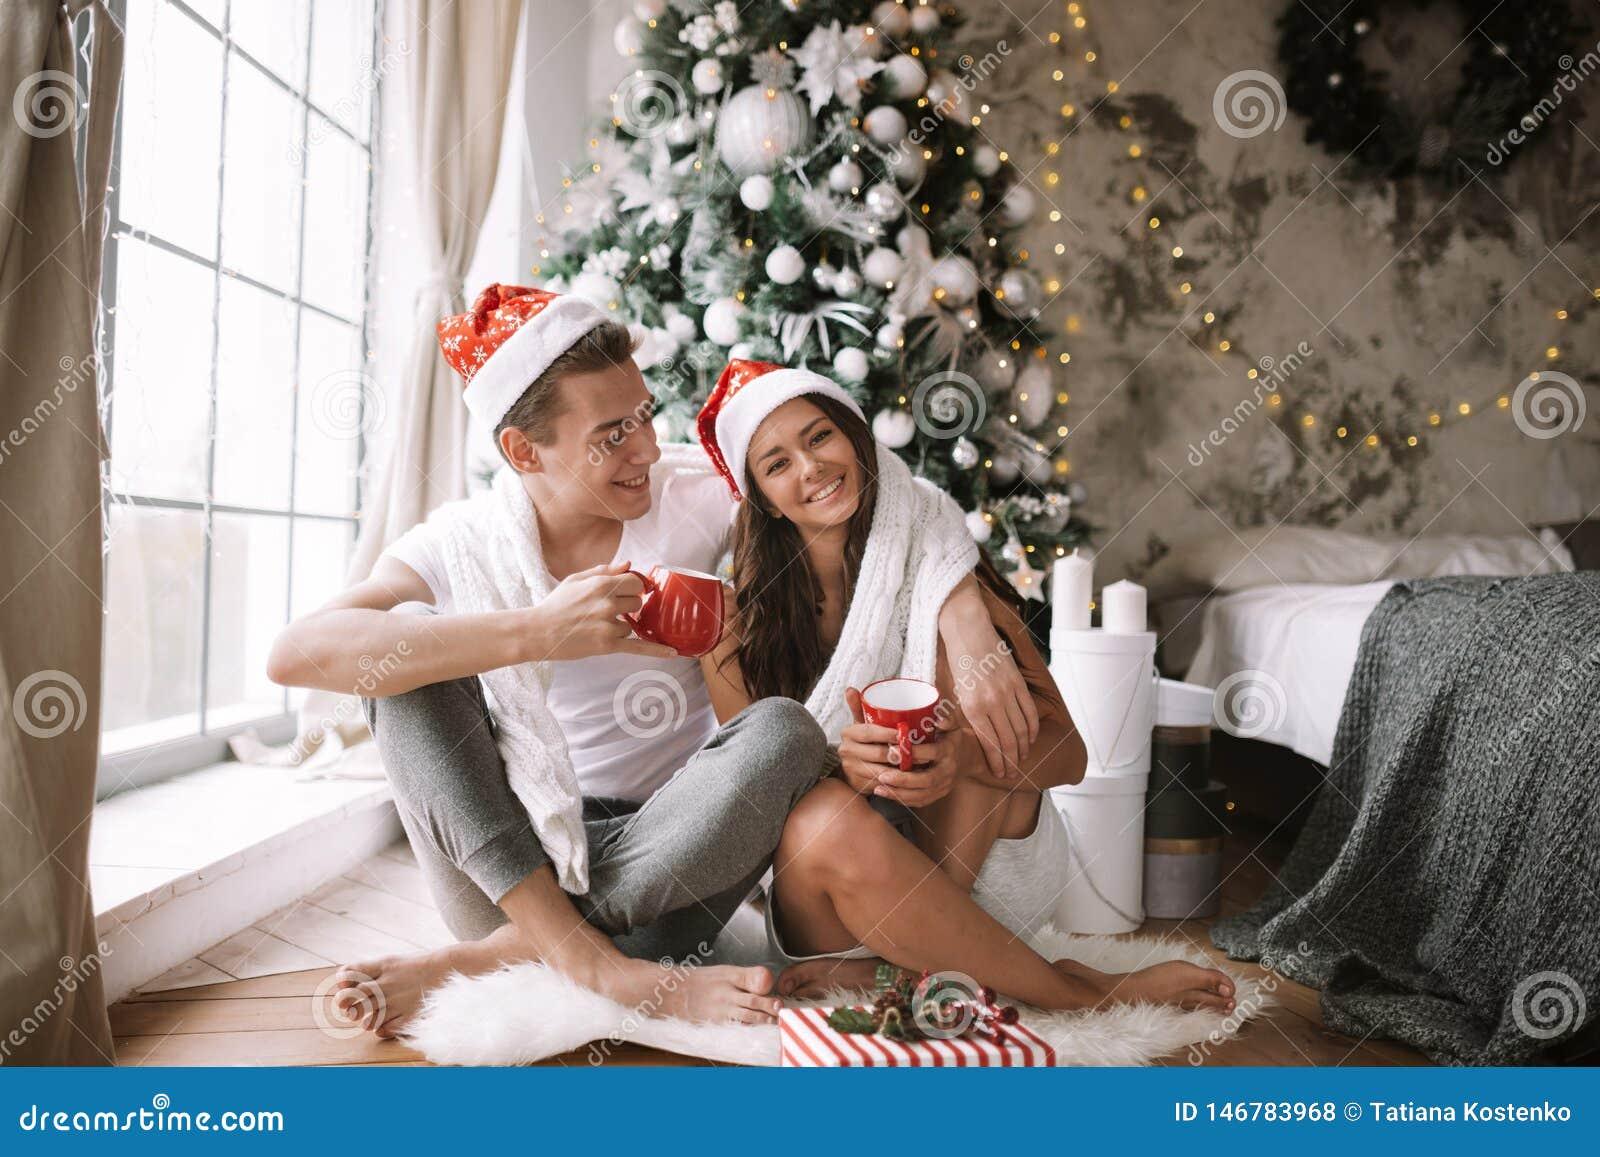 Szczęśliwy facet i dziewczyna w białych Święty Mikołaj kapeluszach i koszulkach siedzimy z czerwonymi filiżankami na podłodze prz